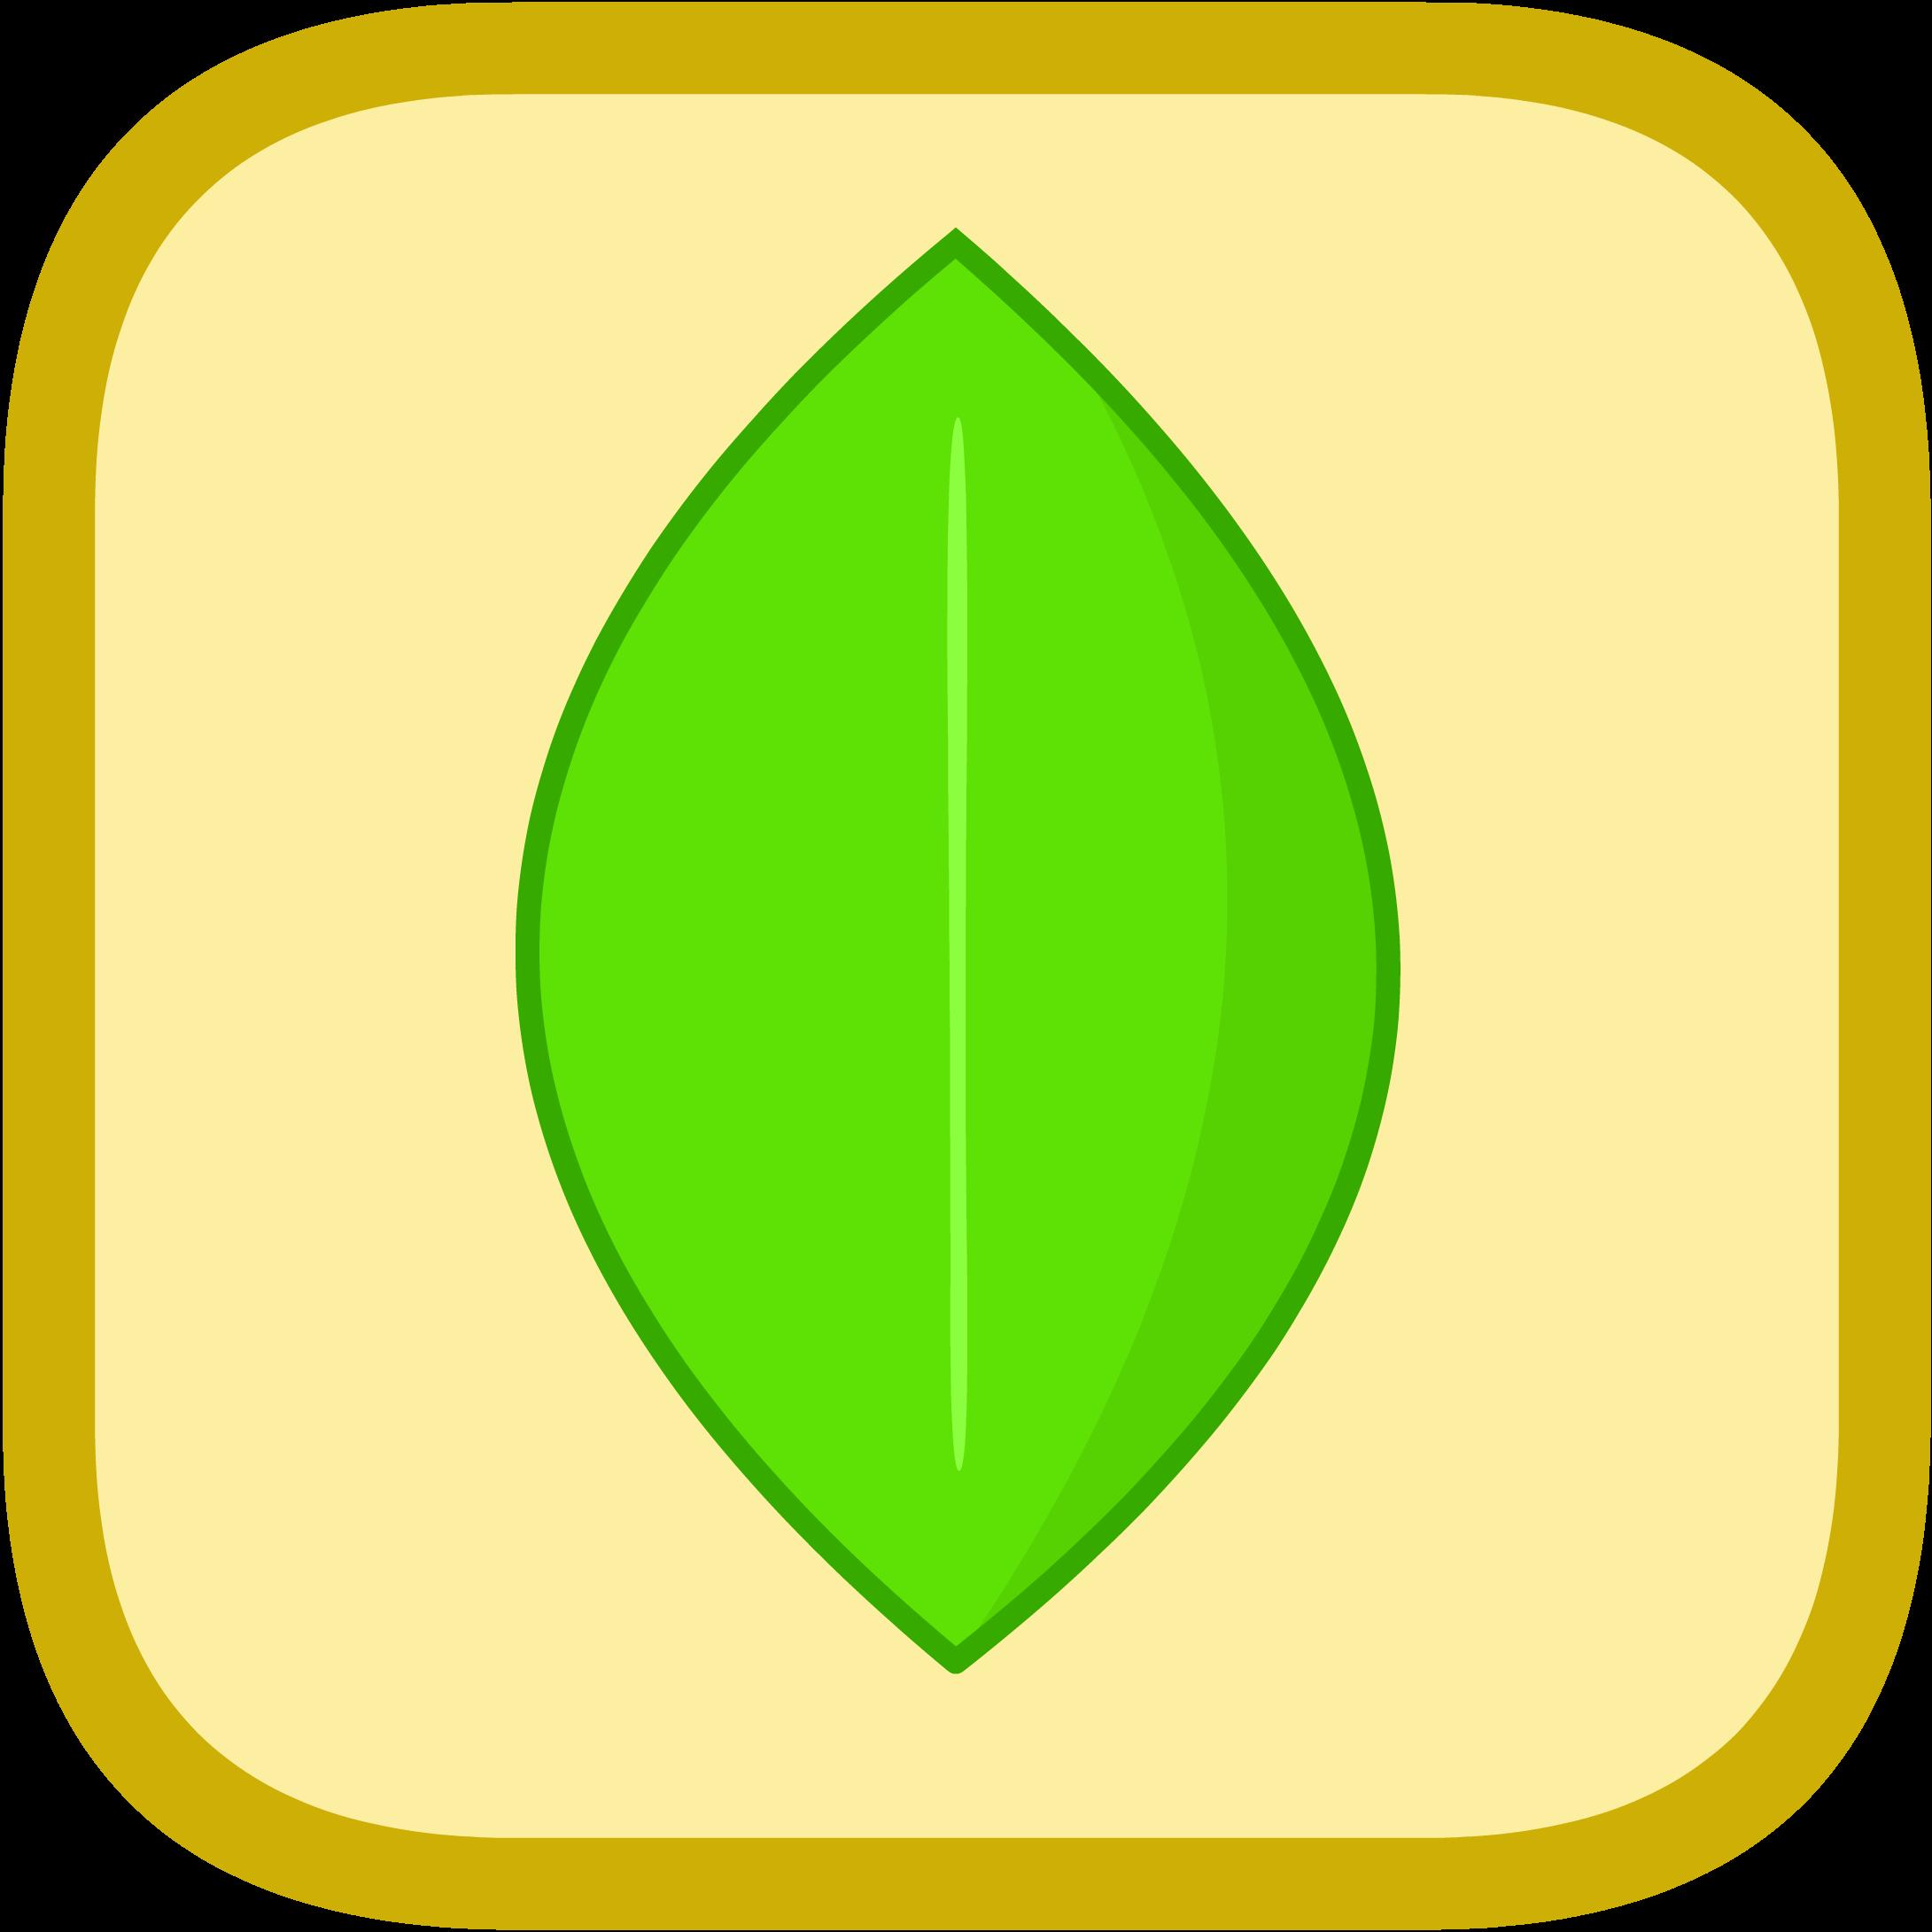 Leafy Cube